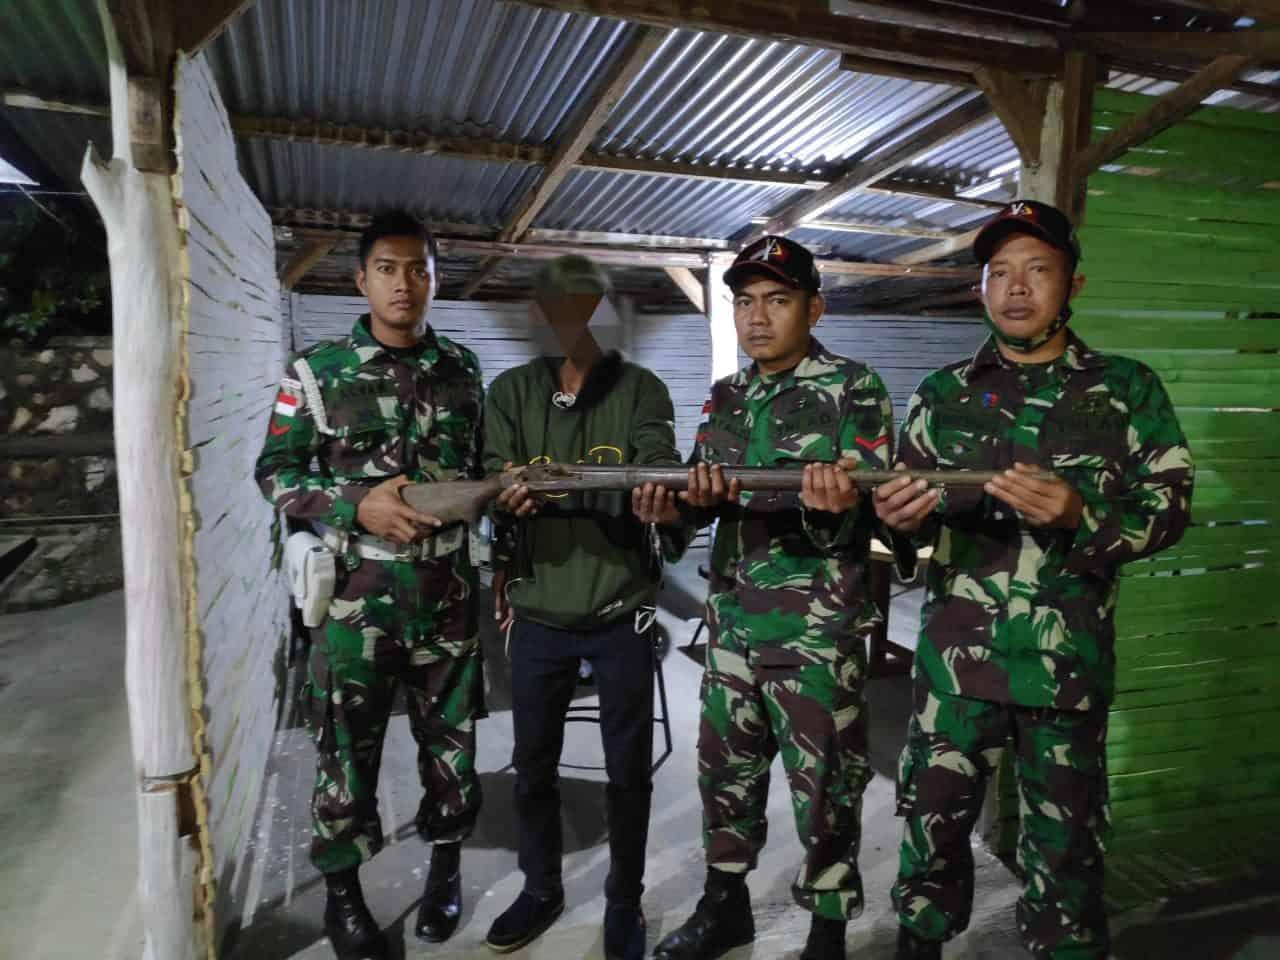 Semakin Dipercaya Masyarakat, Satgas Yonarmed 3/105 Tarik Kembali Terima Penyerahan Senjata